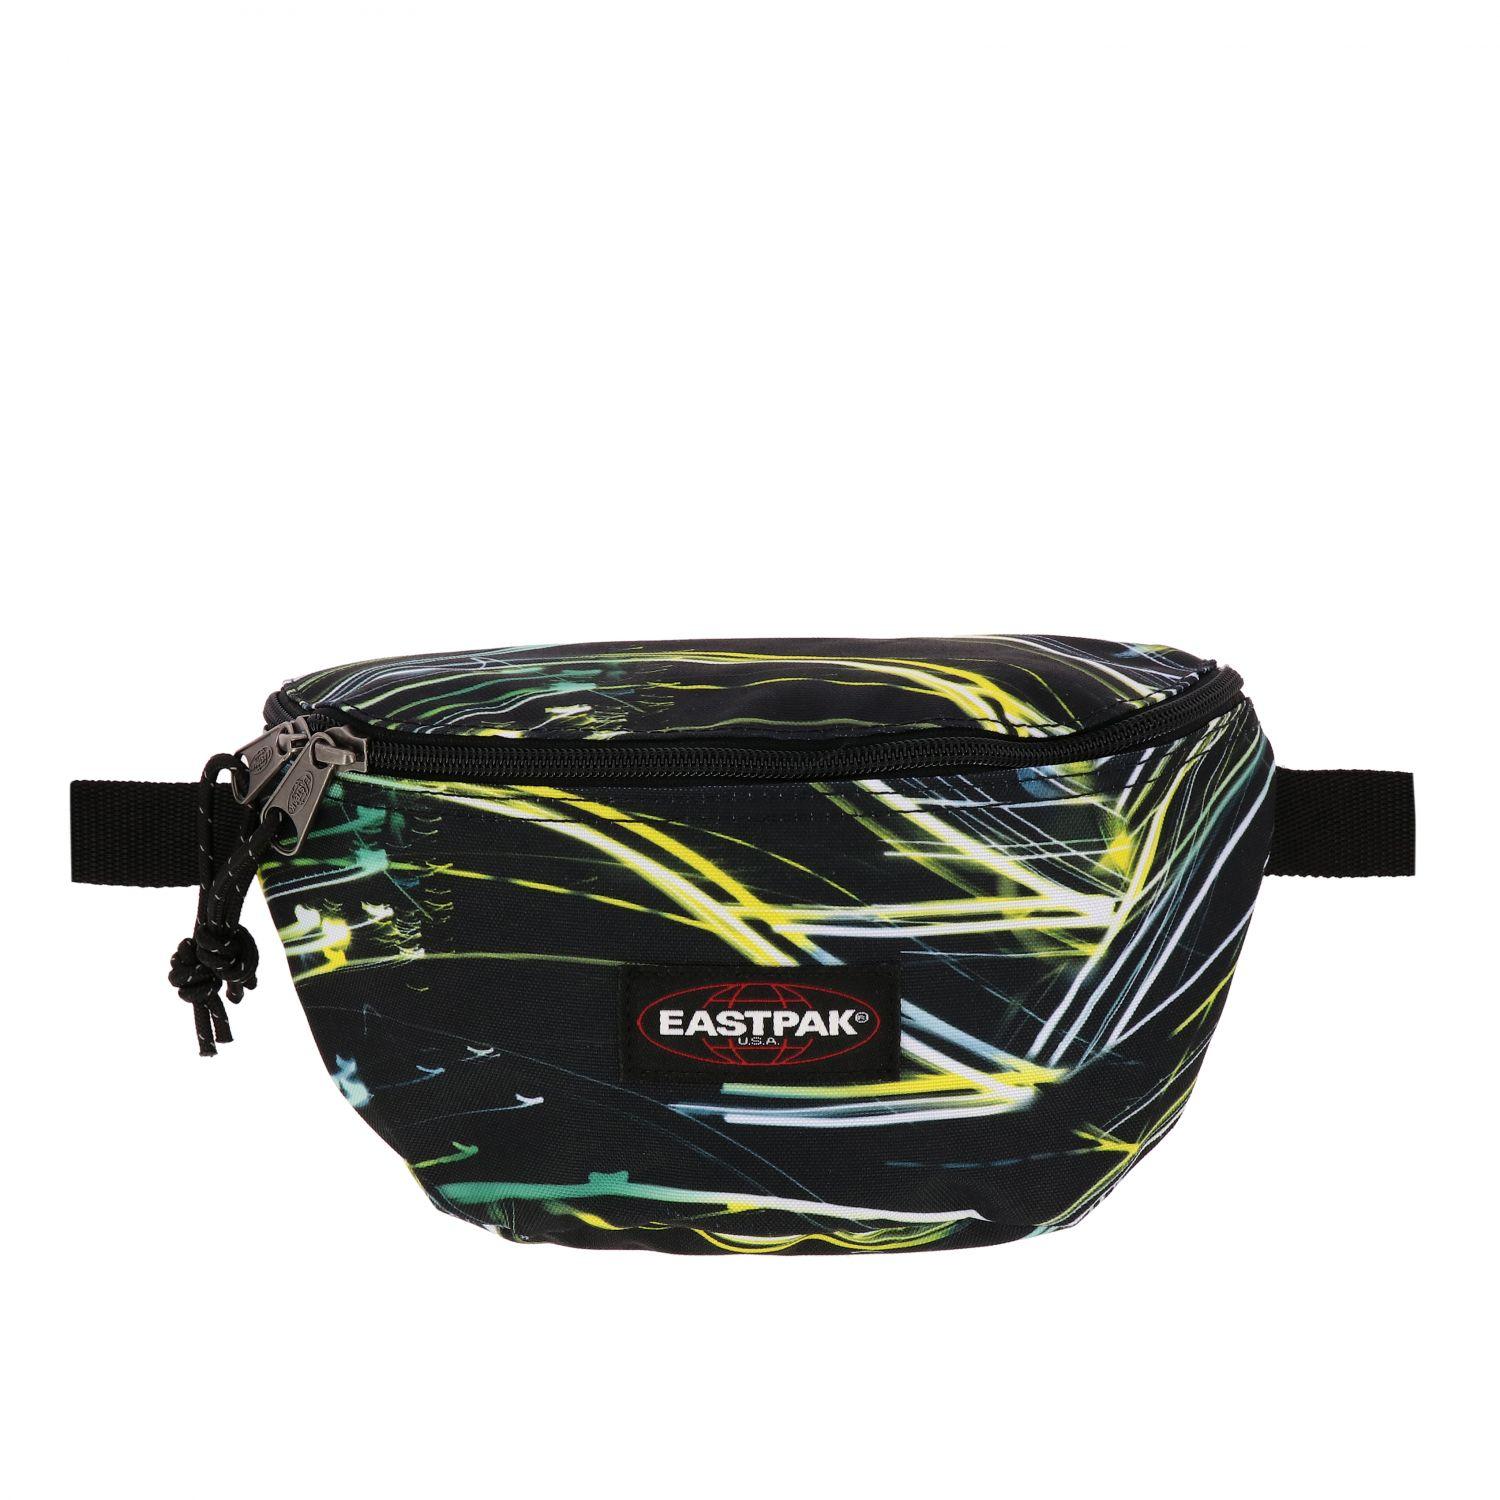 Belt bag women Eastpak fa01 1